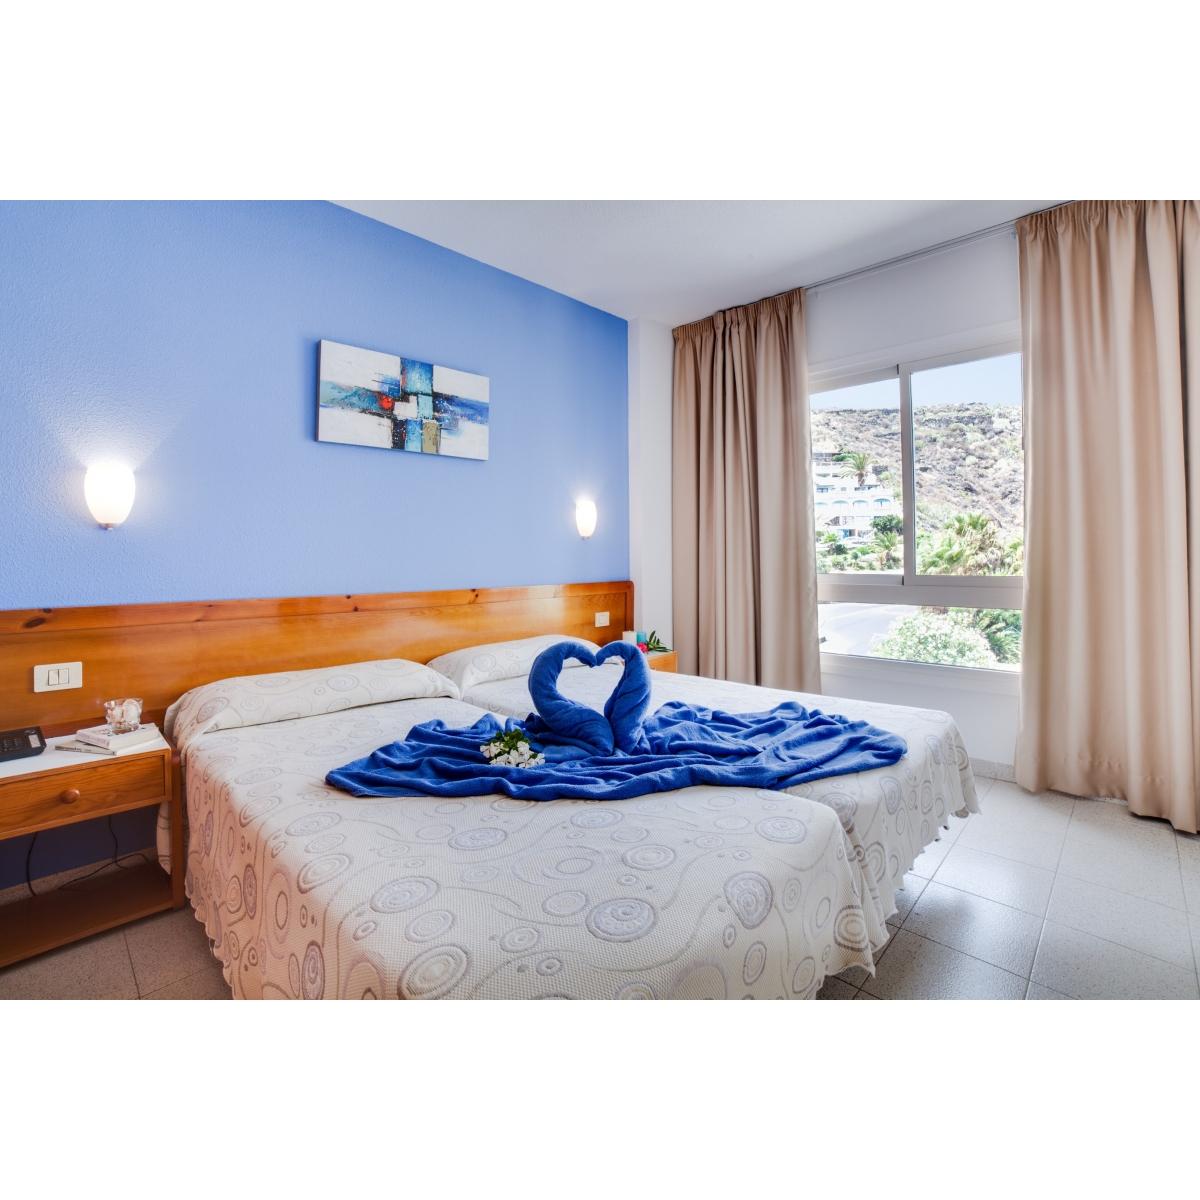 Apartments Centrocancajos (Los Cancajos) - Max 3 persons - O.A.